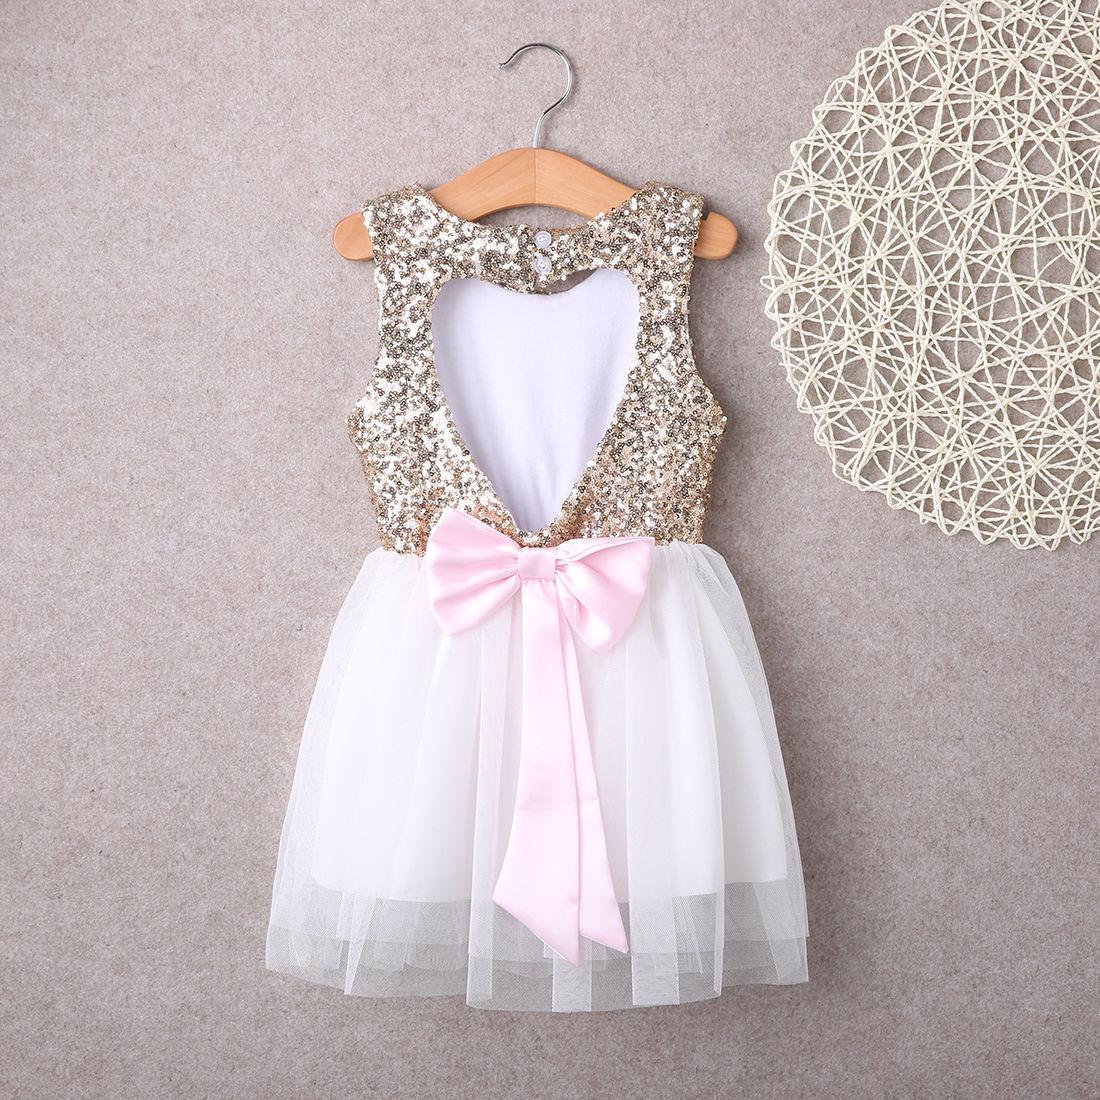 3-10Y Kinder Baby Mädchen Kleid Kleidung Pailletten Party Kleid Mini ...